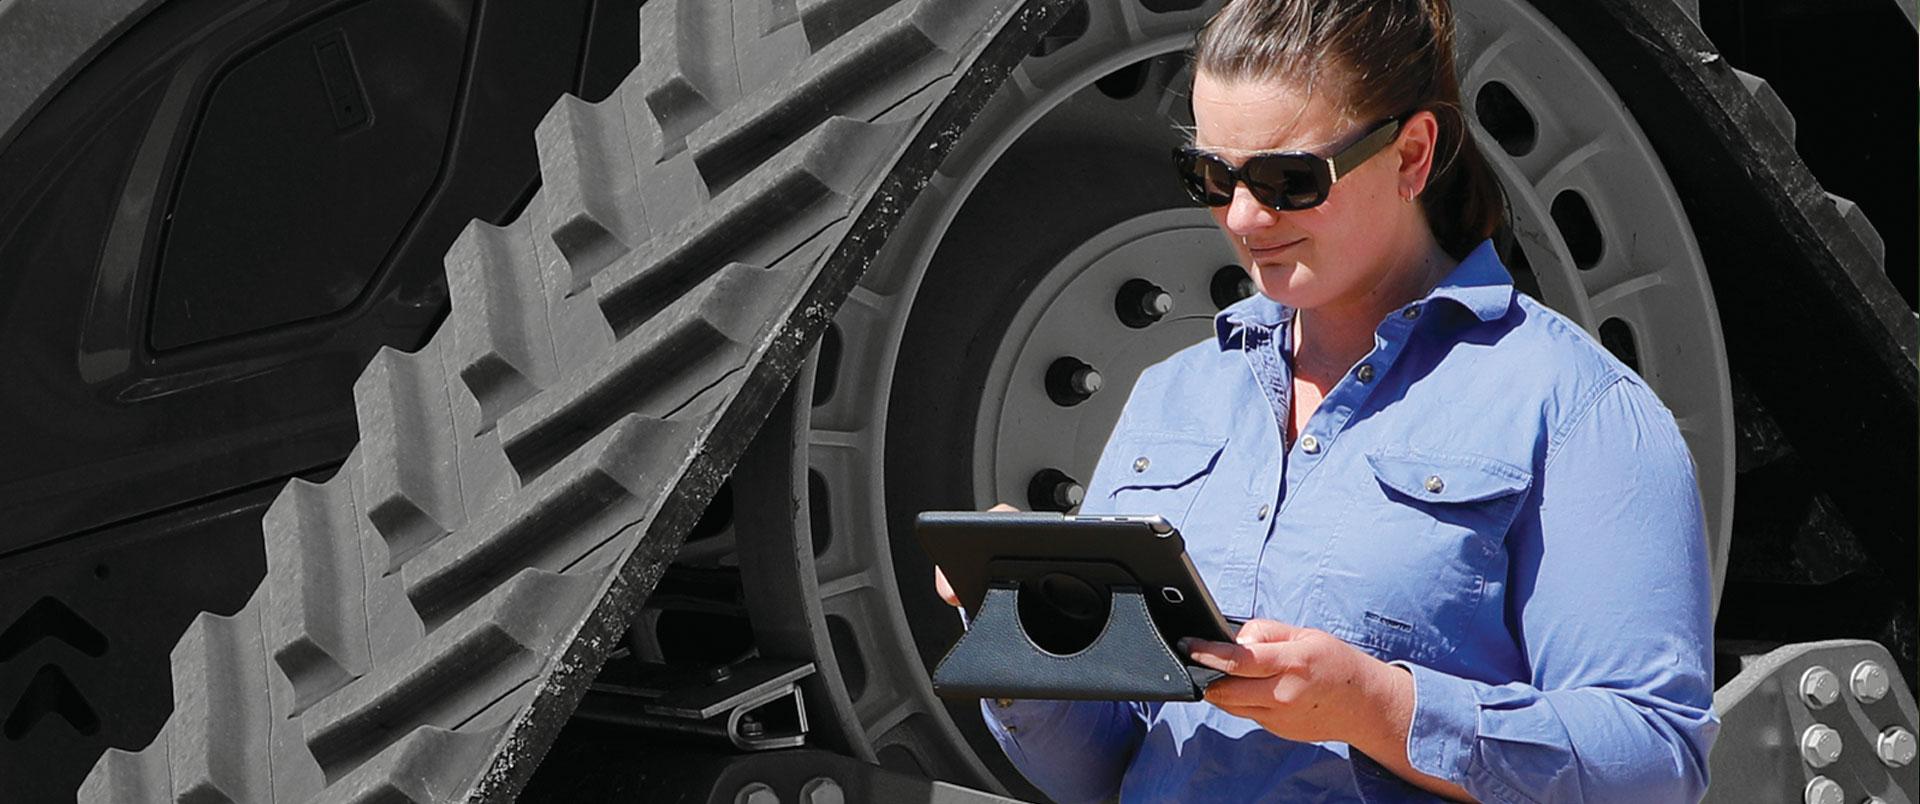 Farming Production Management - Agribusiness Management - RST